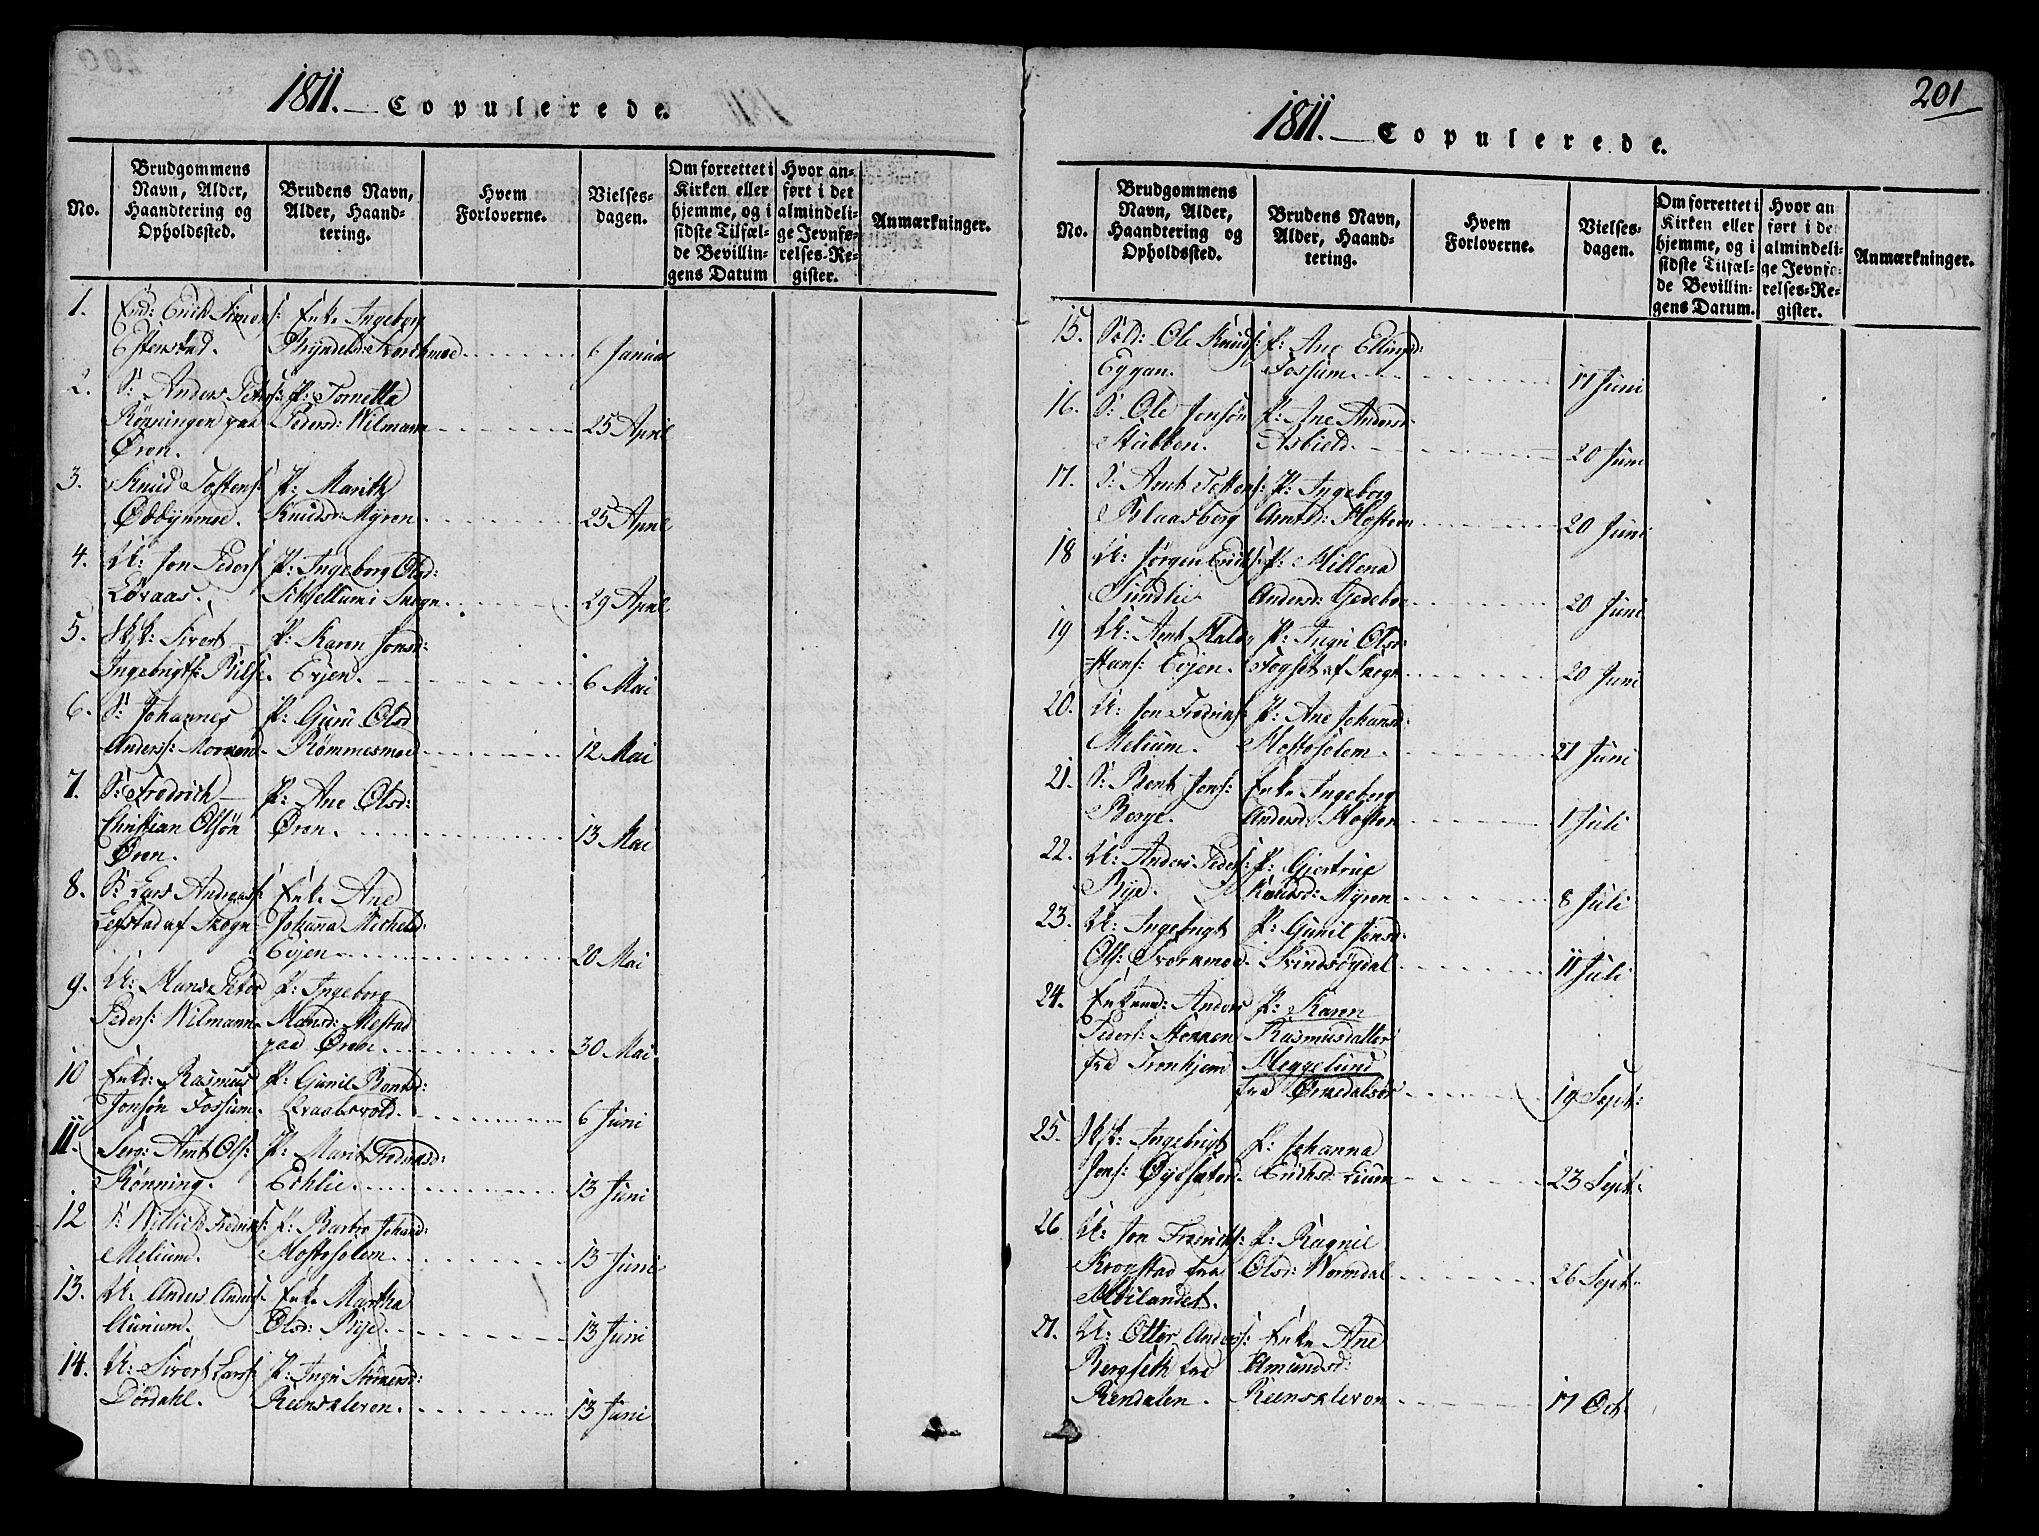 SAT, Ministerialprotokoller, klokkerbøker og fødselsregistre - Sør-Trøndelag, 668/L0803: Ministerialbok nr. 668A03, 1800-1826, s. 201